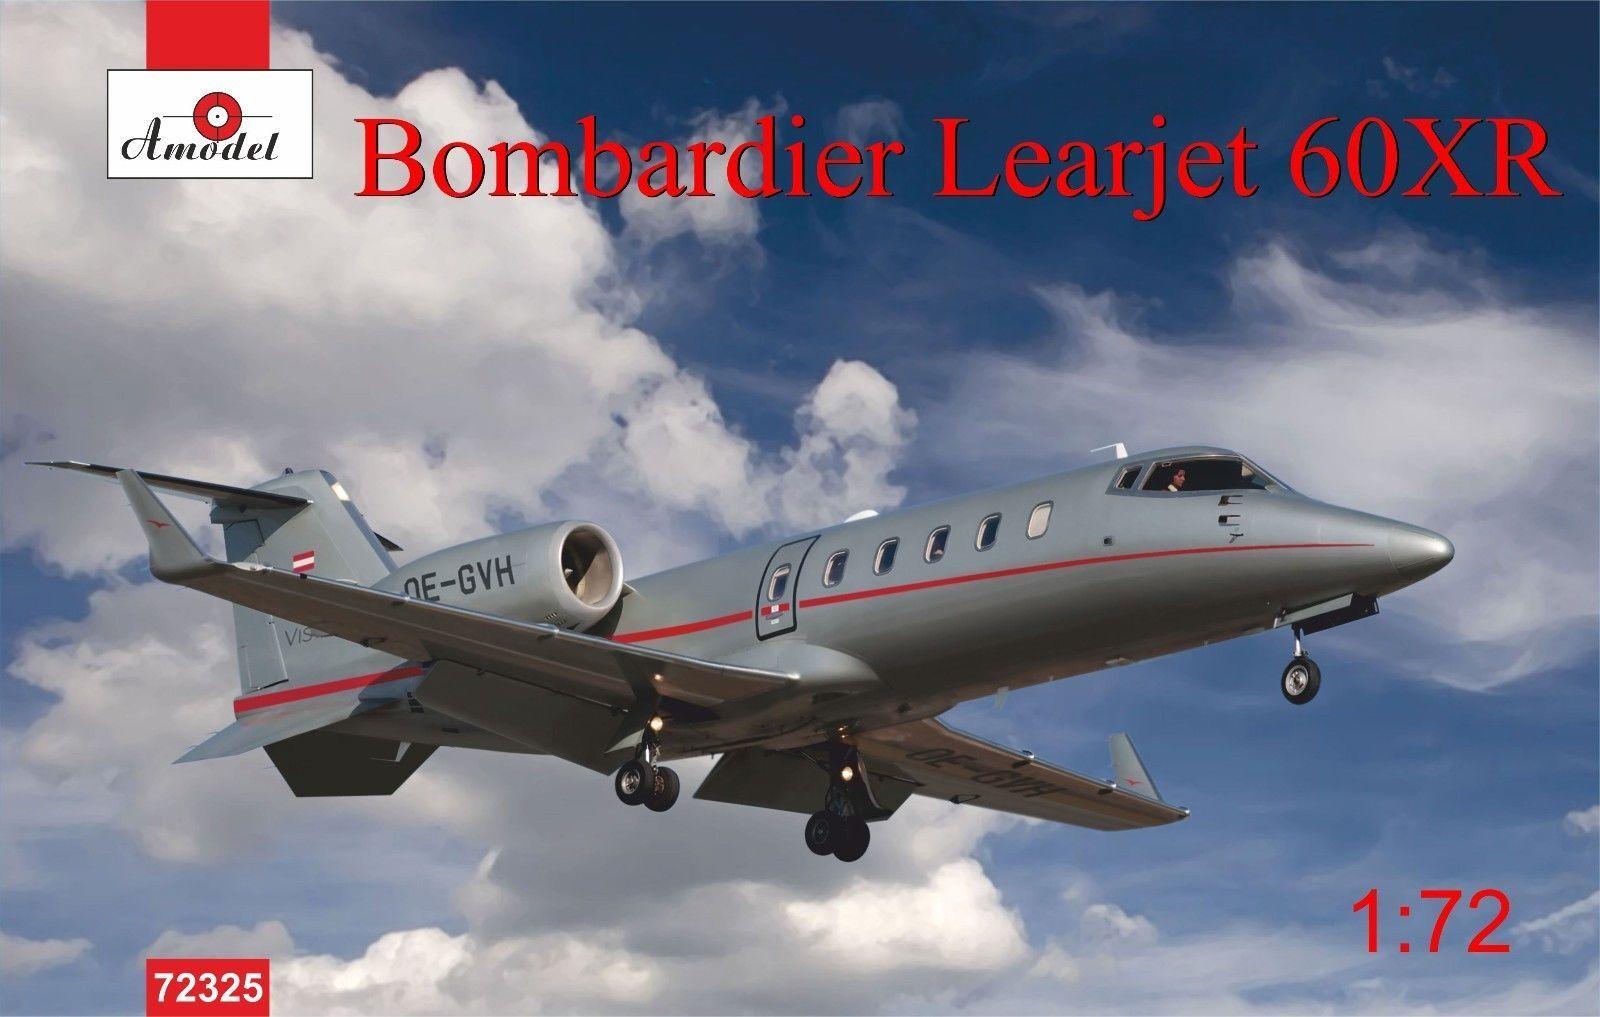 1  72 Amodelllller Bombardier Learjet 60XR modelllllerl kit 72325